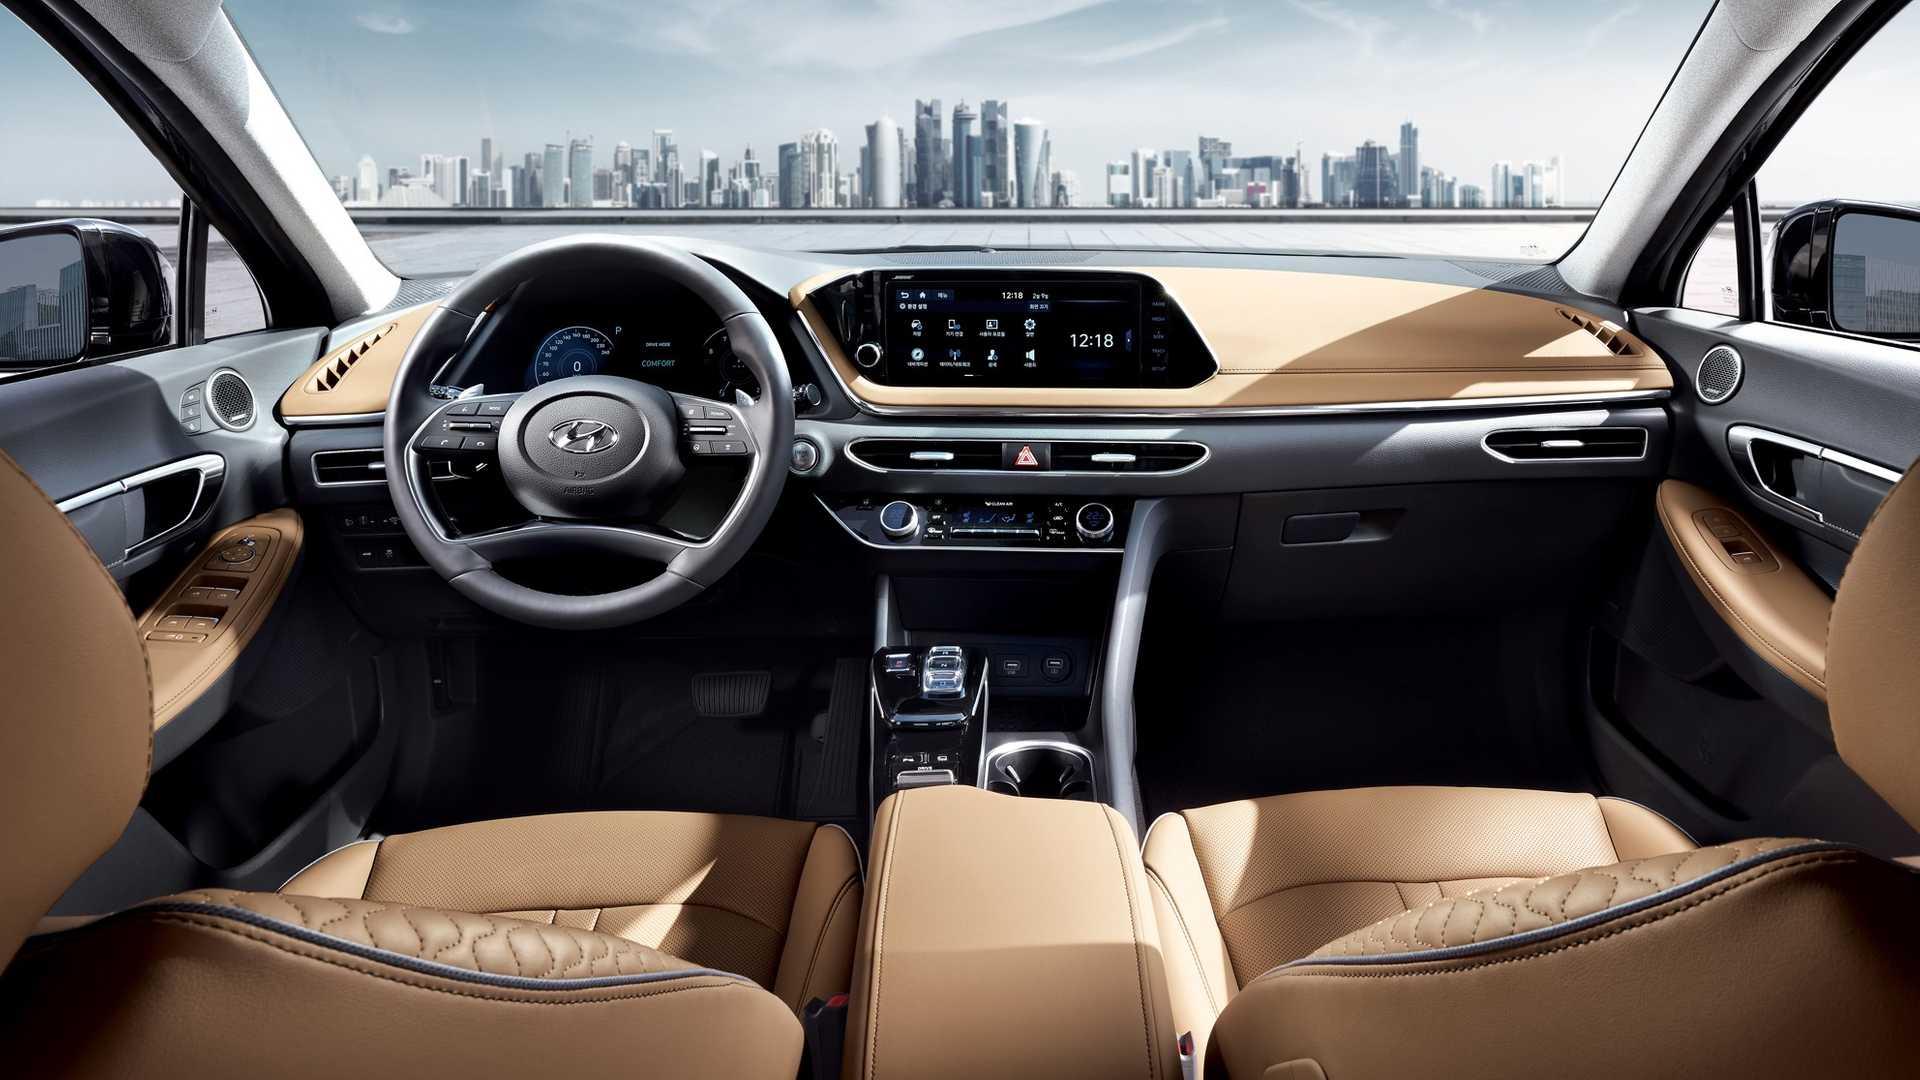 Imagens e alguns detalhes do Hyundai Sonata 2020 foram reveladas pela fabricante. Lançamento oficial deve acontecer no Salão do Automóvel de Nova Iorque.